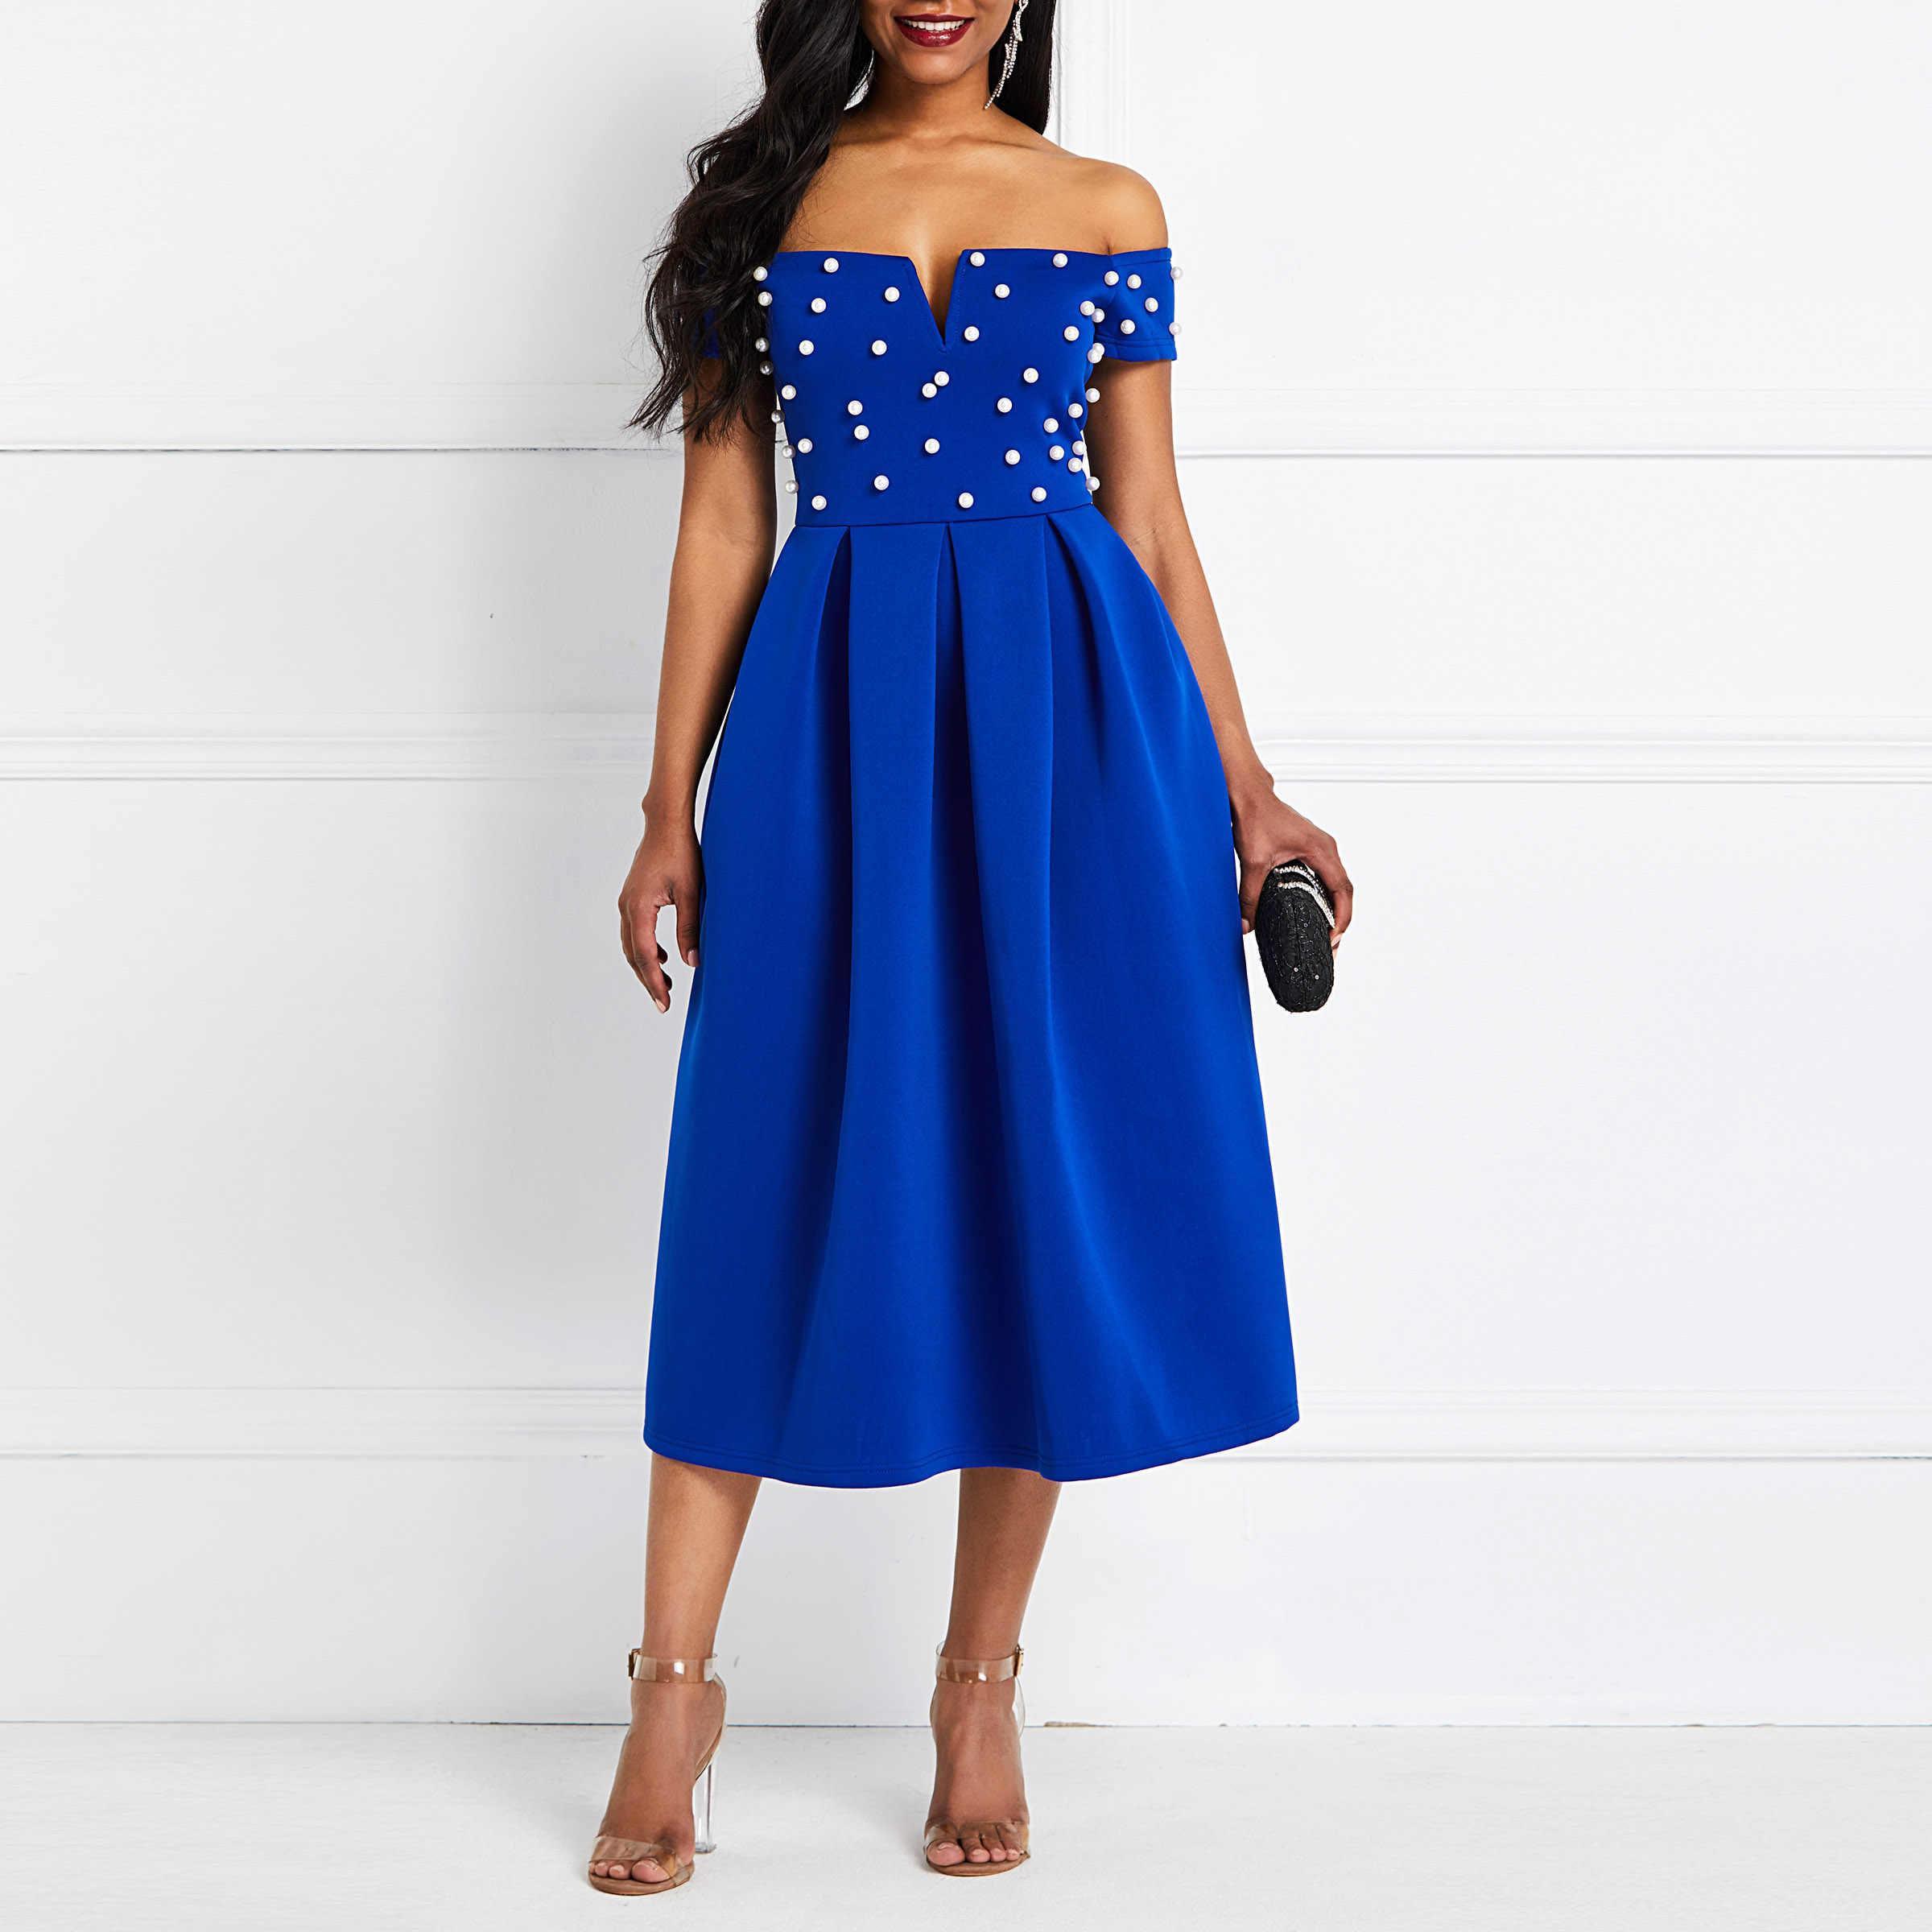 Сексуальные Клубные вечерние элегантные женские уличные осенние женские платья синего размера плюс с открытыми плечами, украшенные бисером, женское модное жемчужное платье